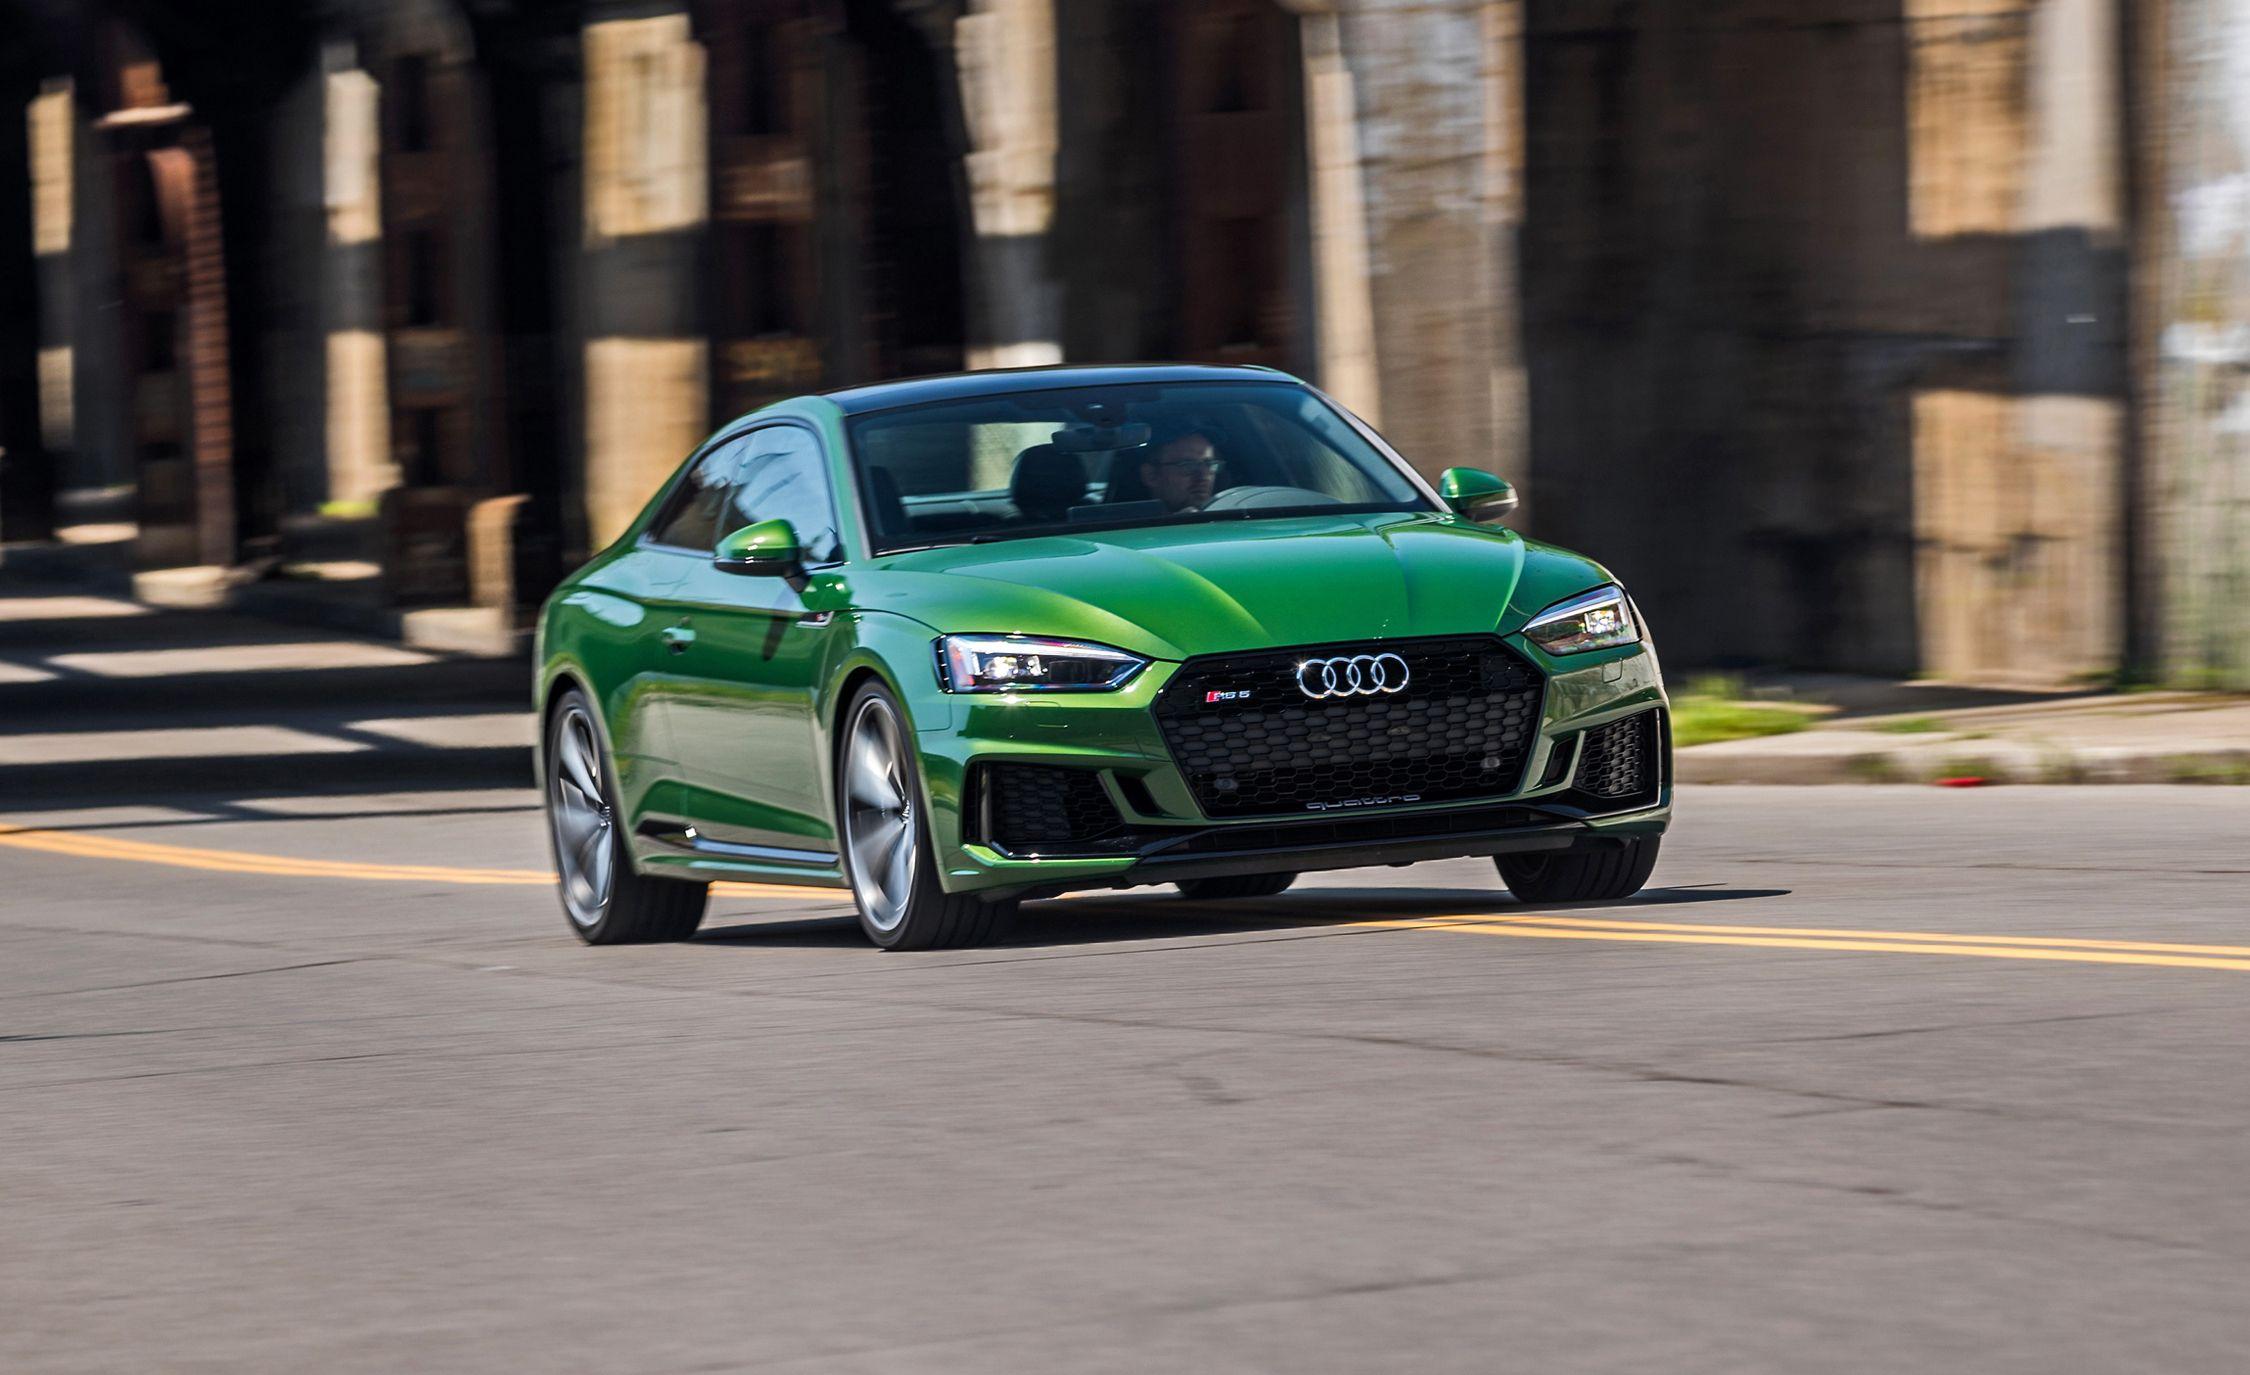 Kelebihan Kekurangan Audi Rs5 2018 Spesifikasi